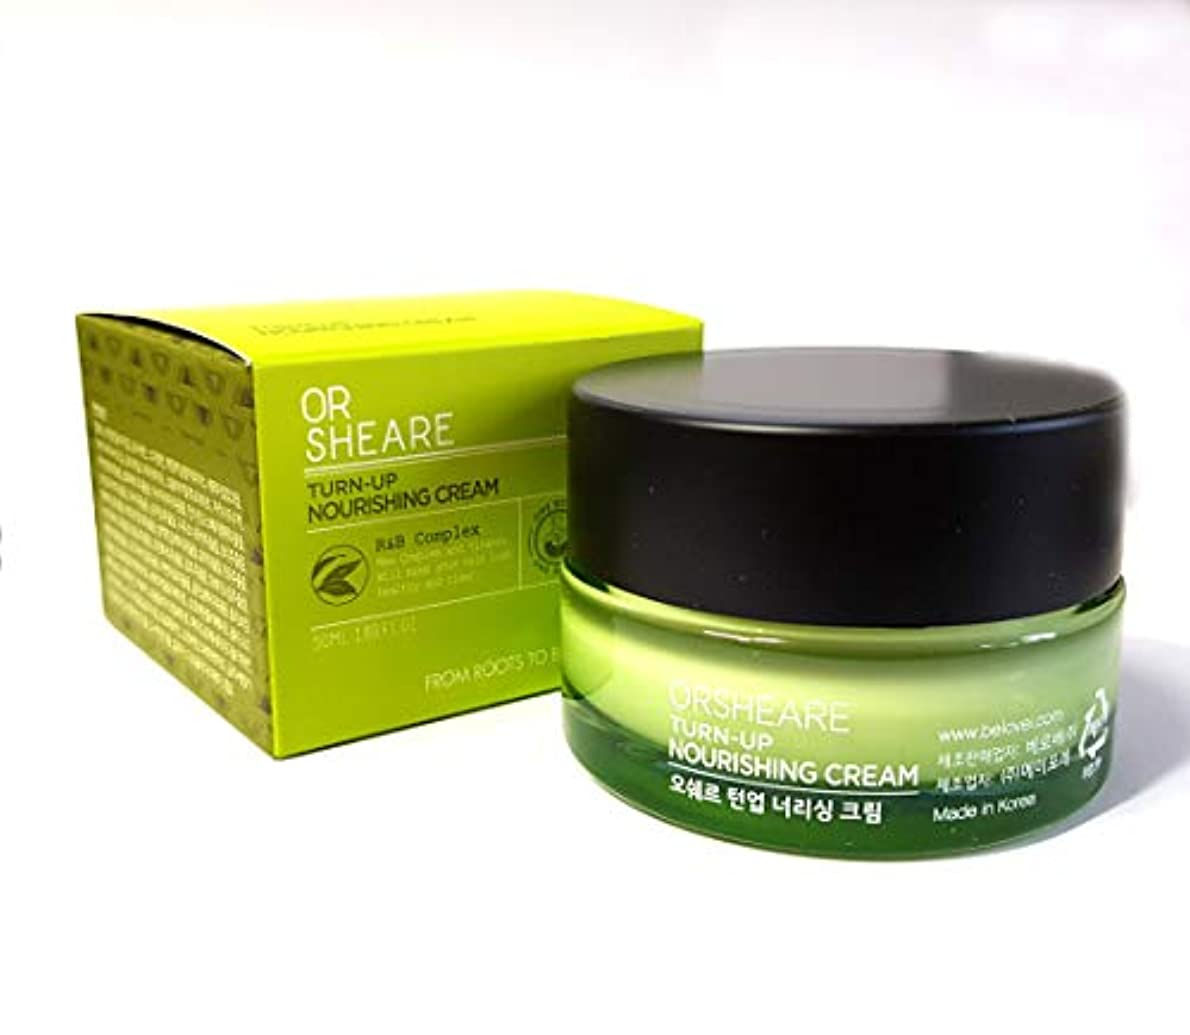 暖炉スクワイア朝ごはん[OR SHEARE] トンオプ栄養クリーム50ml / Turn-up Nourishing Cream 50ml / 保湿、再生/Moisturizing,Revitalizing/韓国化粧品/Korean Cosmetics...